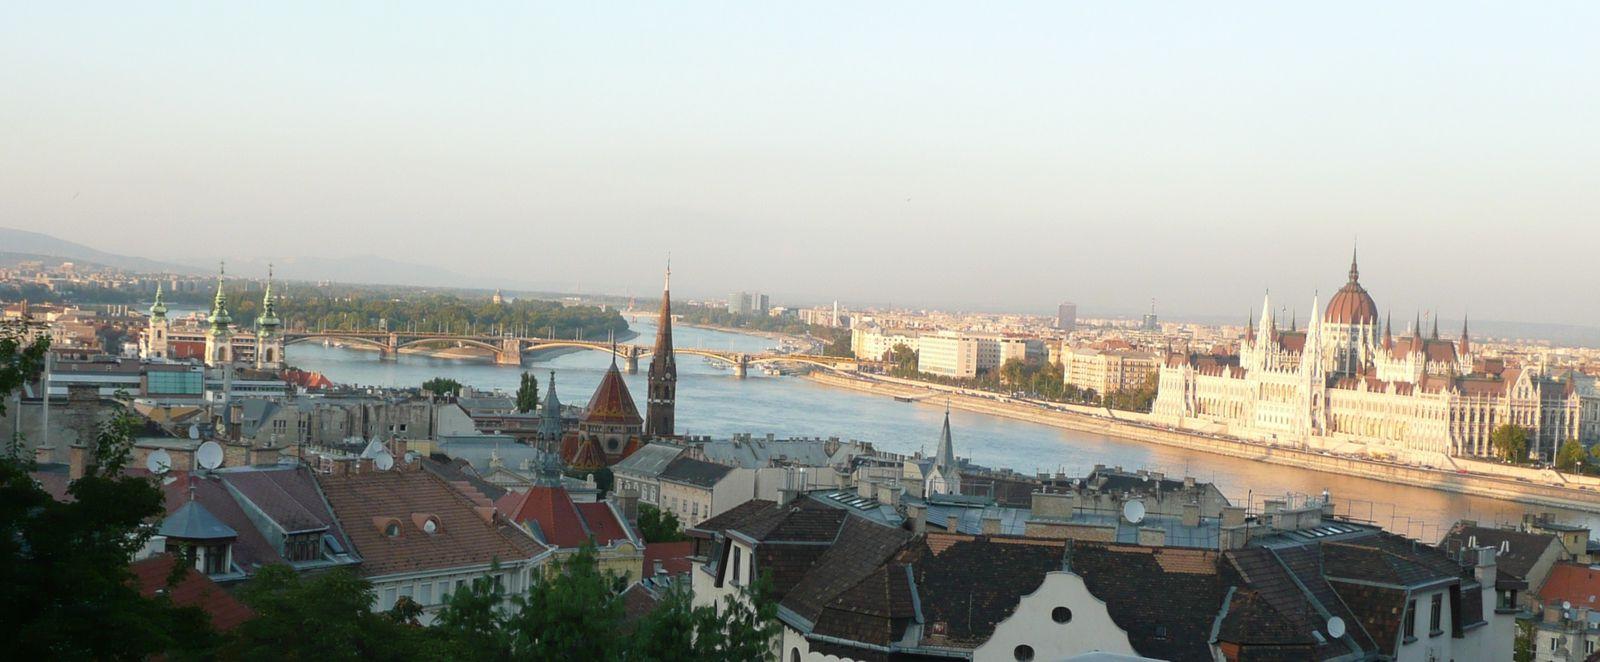 panorama-Buda-et-Pest.jpg